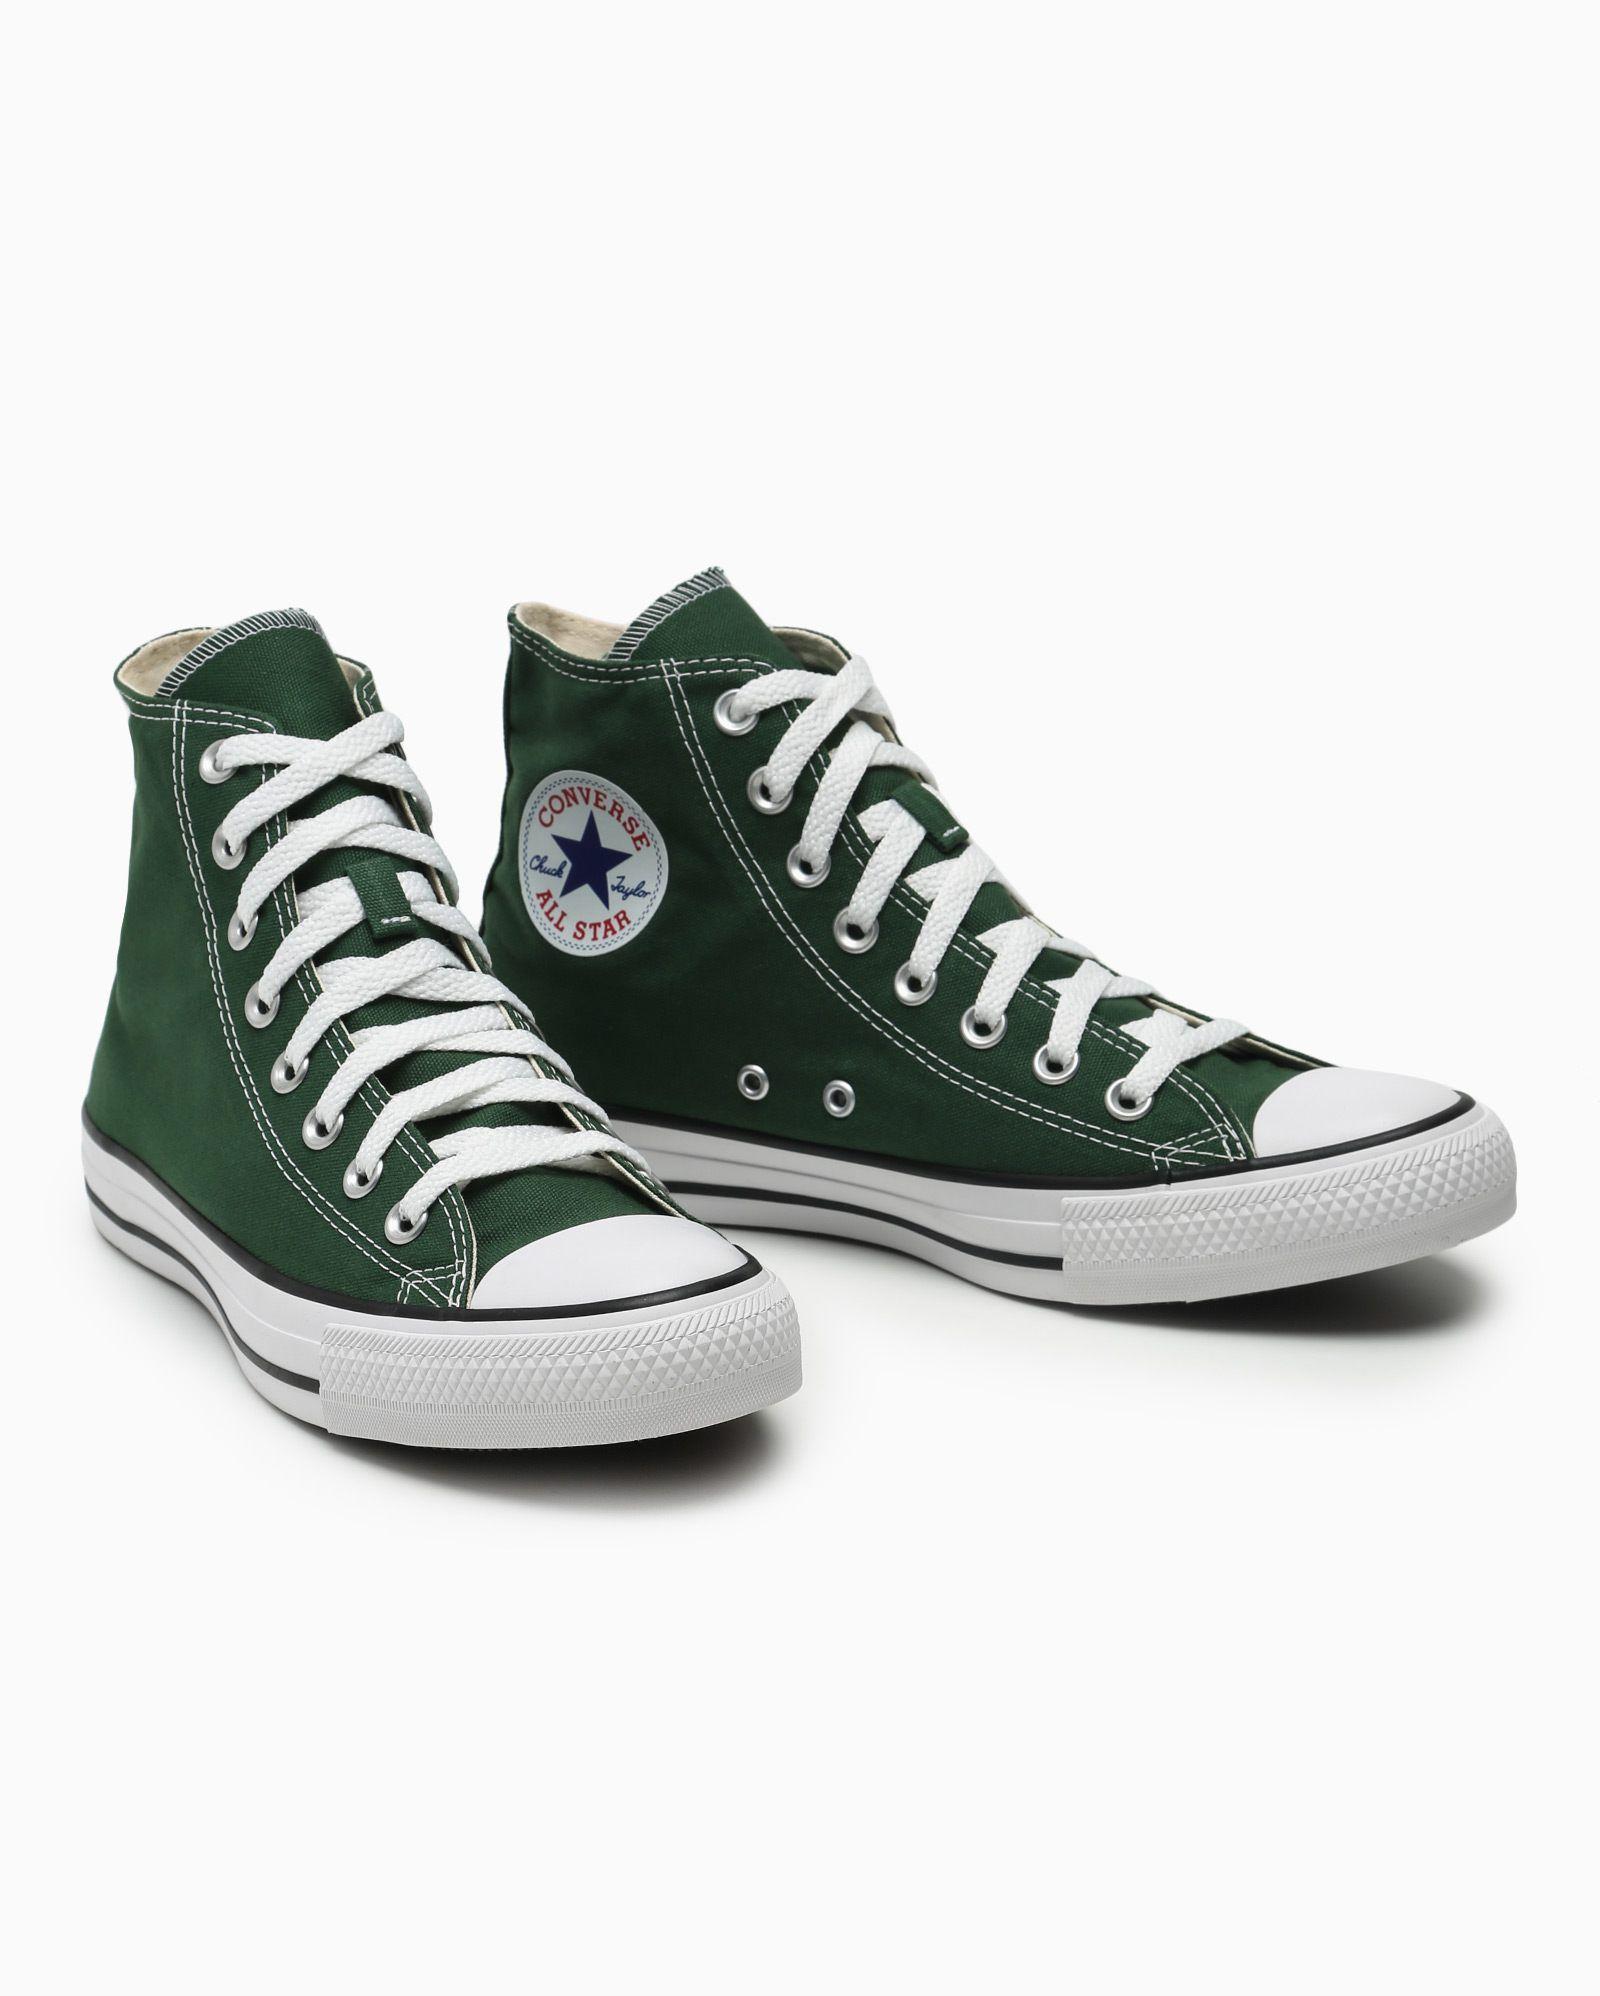 e90dfbcd8 Riachuelo | Tênis - Calçados femininos - Calçados | Sapatos in 2019 ...